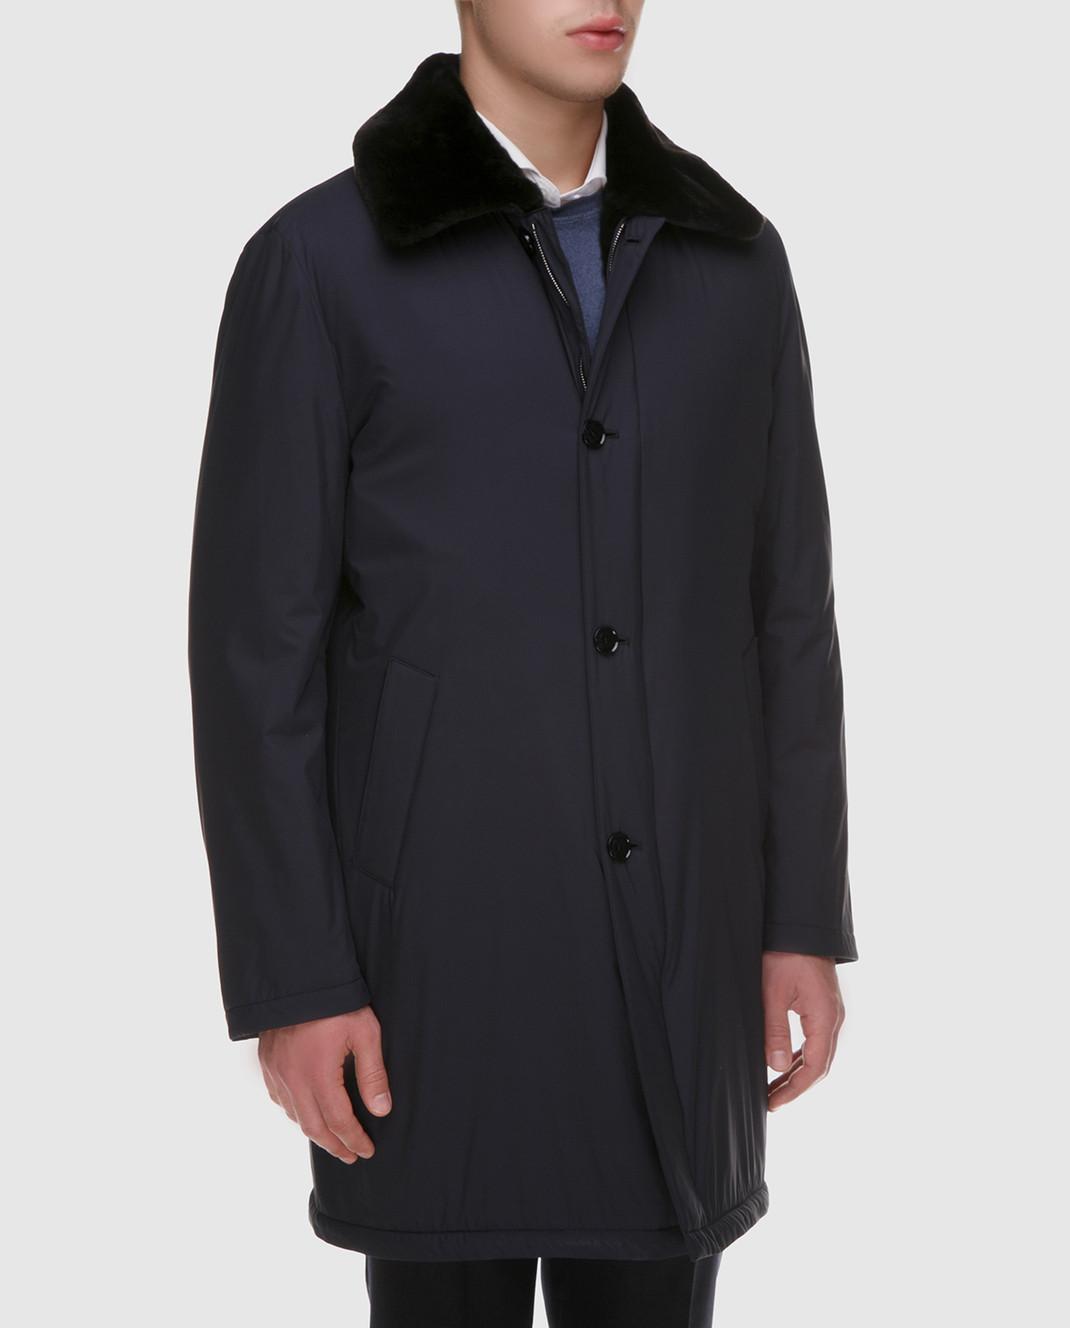 Enrico Mandelli Синее пальто из шелка со съёмным воротником из меха нутрии A6T766 изображение 3